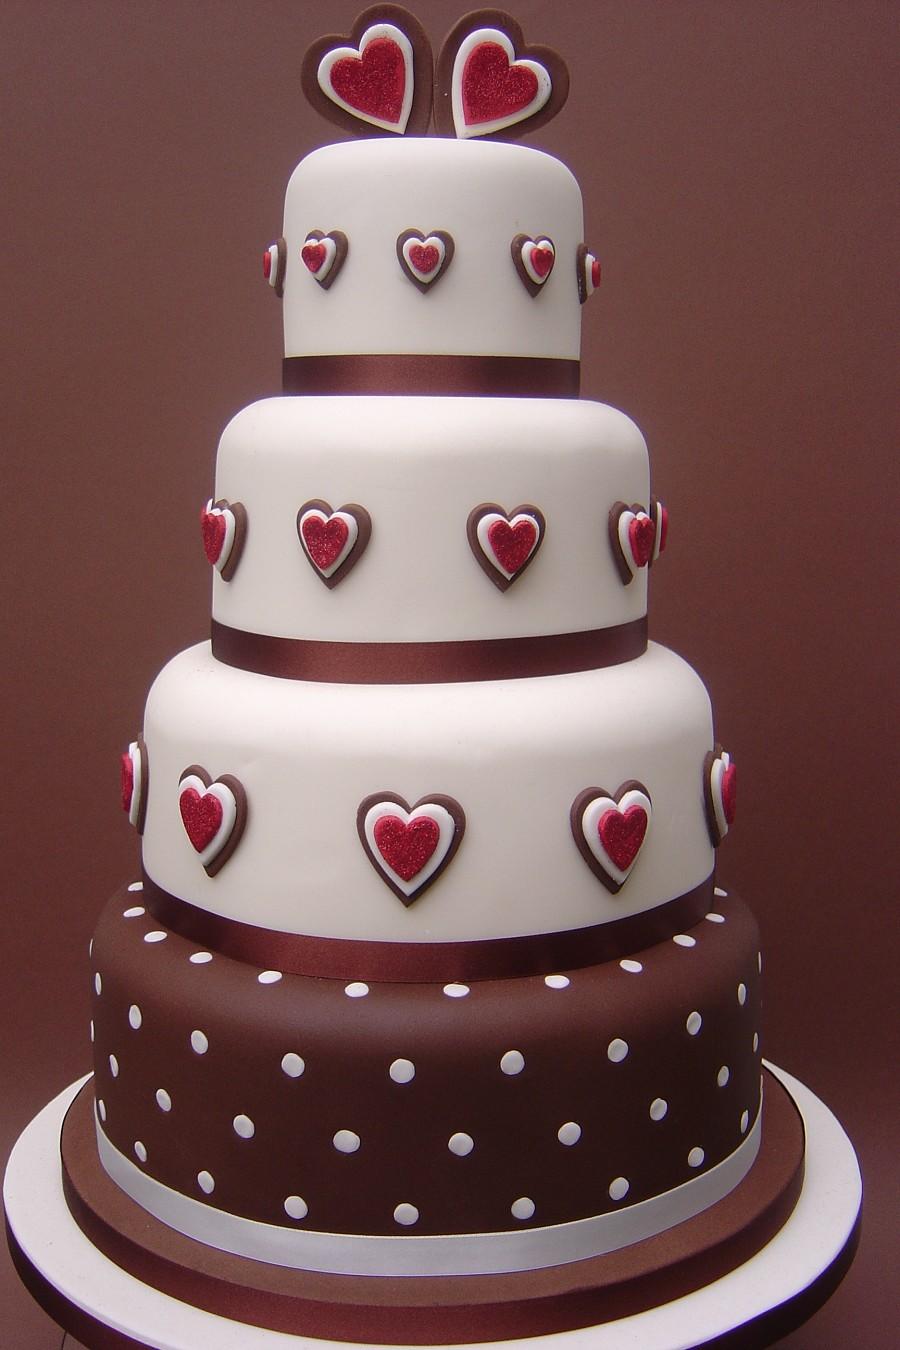 Cake Design For Lover Milofi Com For